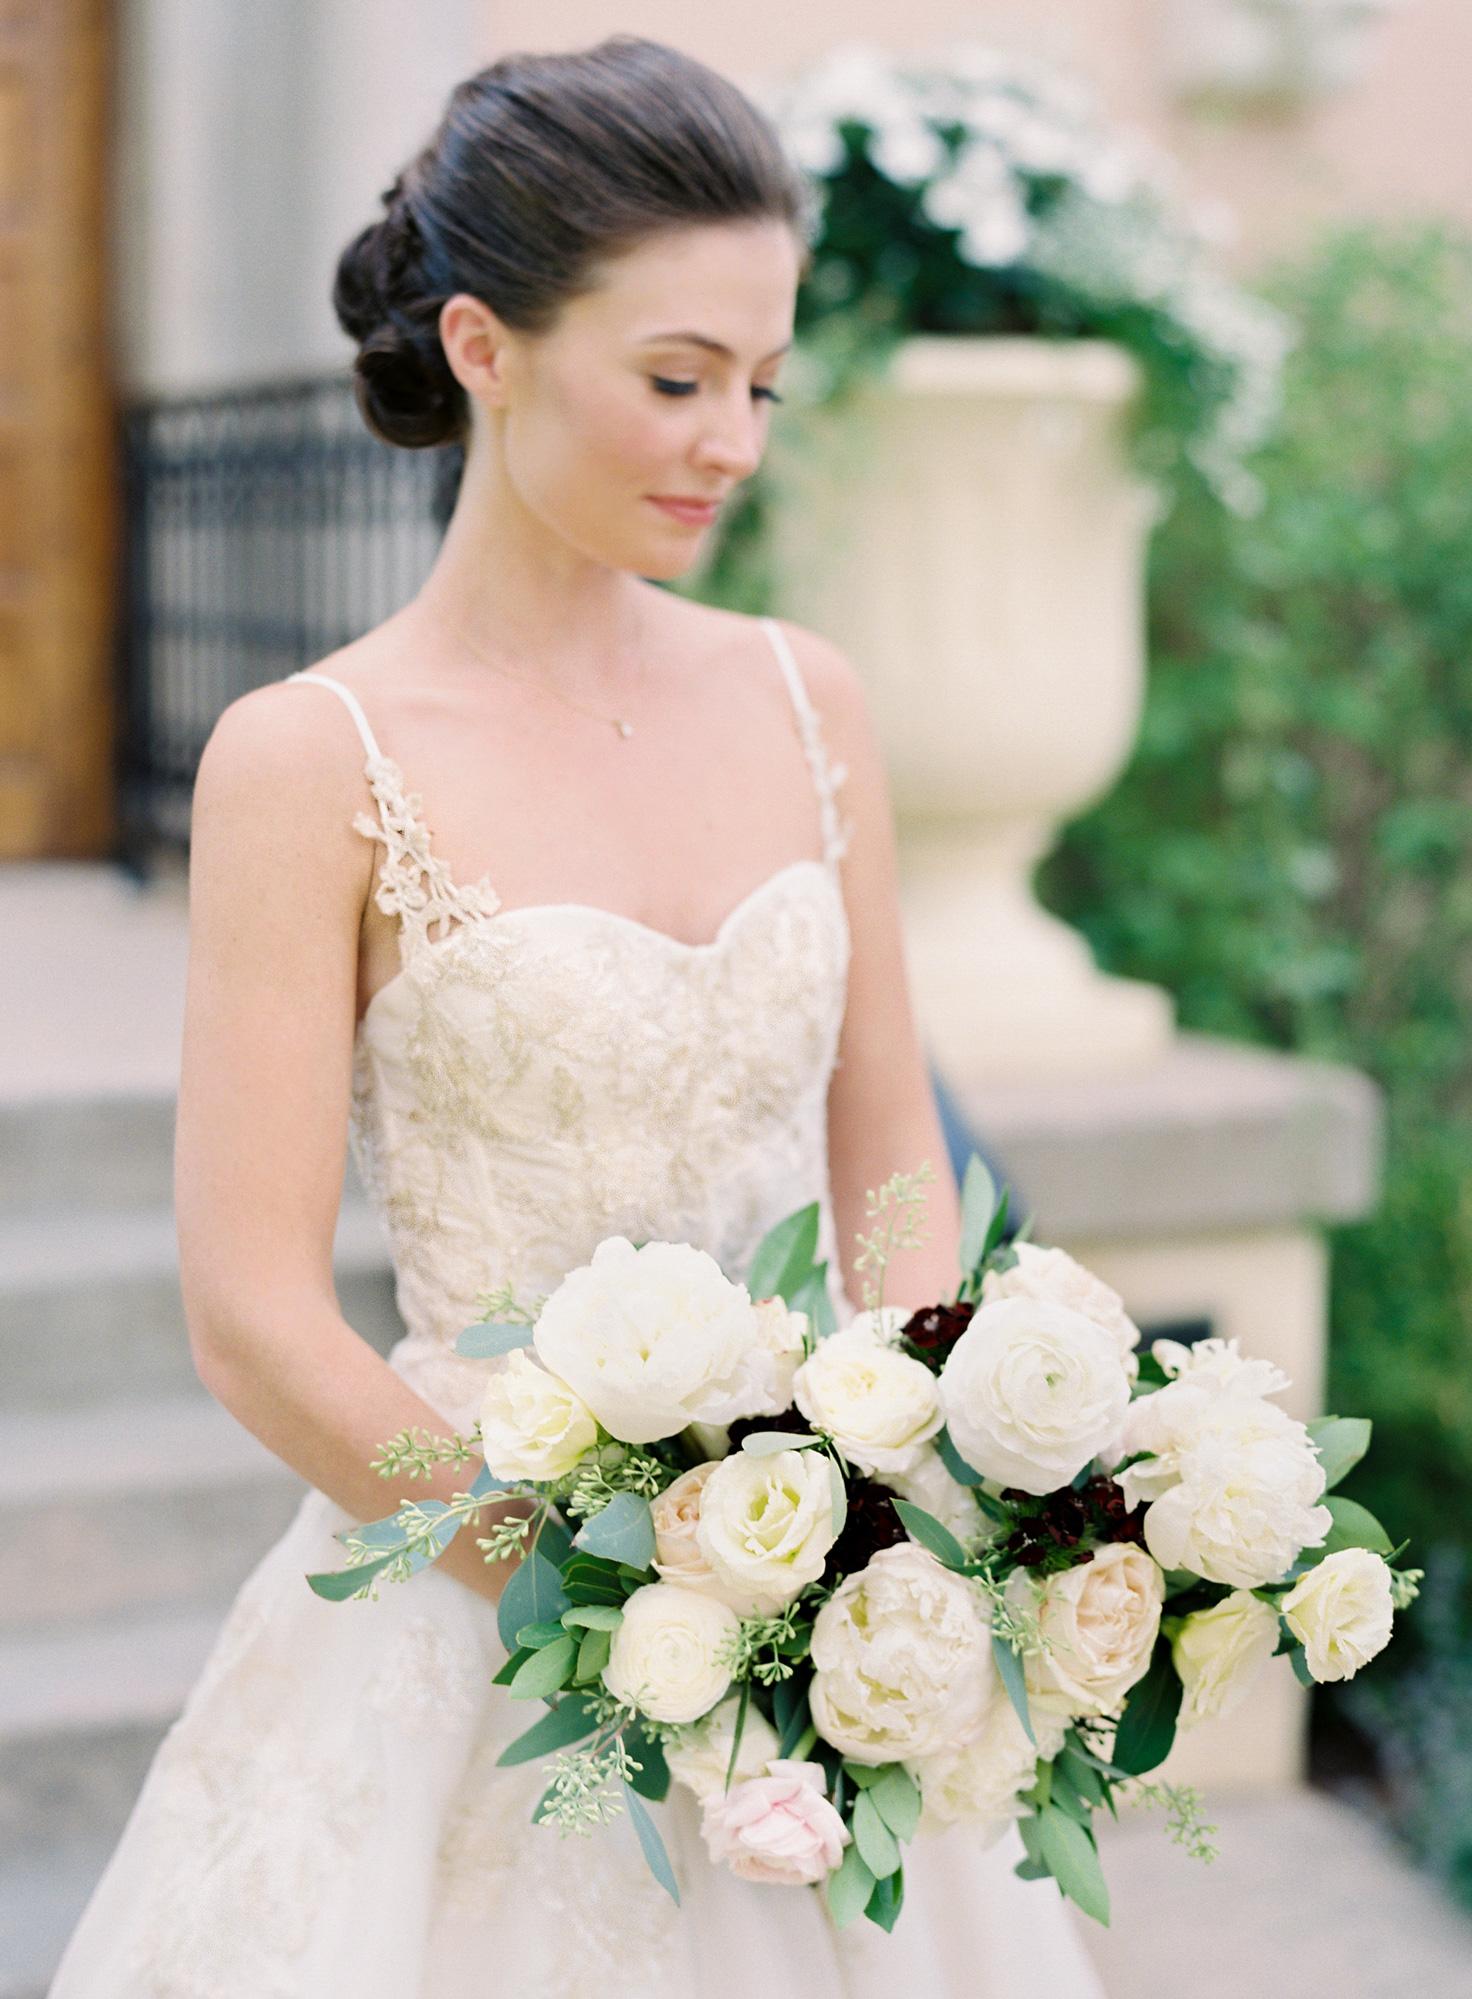 portrait of bride holding bouquet